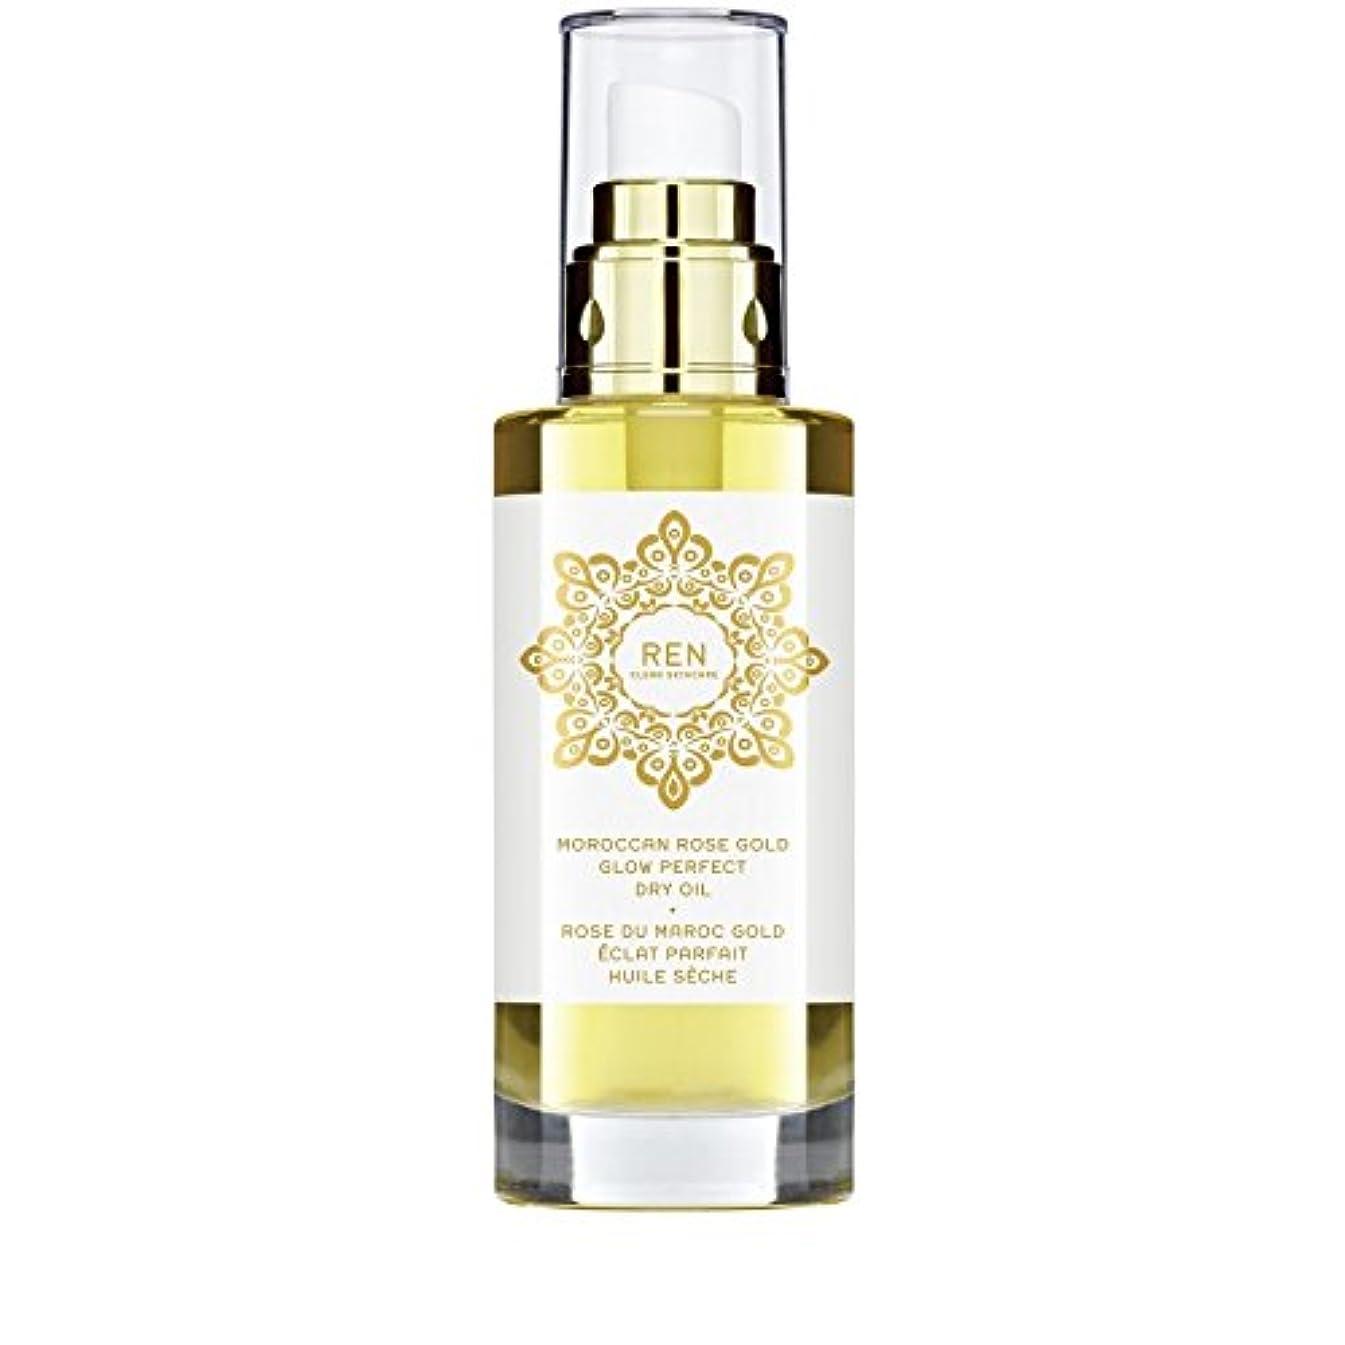 滑りやすいコーデリア犯すREN Moroccan Rose Gold Glow Perfect Dry Oil 100ml (Pack of 6) - モロッコは金が完璧なドライオイル100ミリリットルグローバラ x6 [並行輸入品]